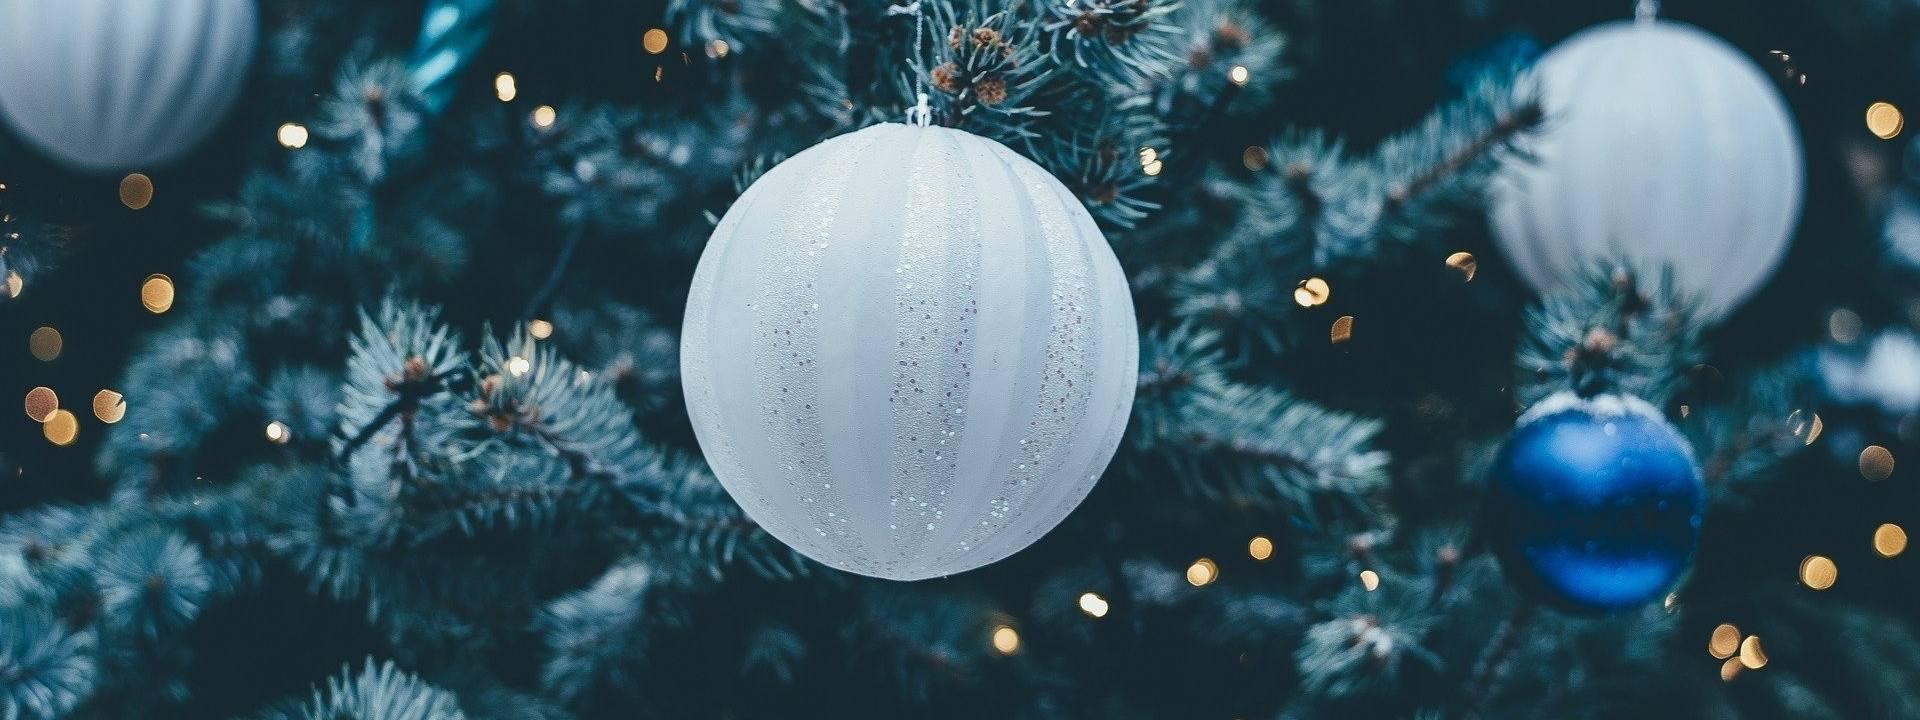 pogoda na święta boże narodzenie 2019 kiedy spadnie śnieg czy święta 2019 będą białe? pogoda na święta bożego narodzenia